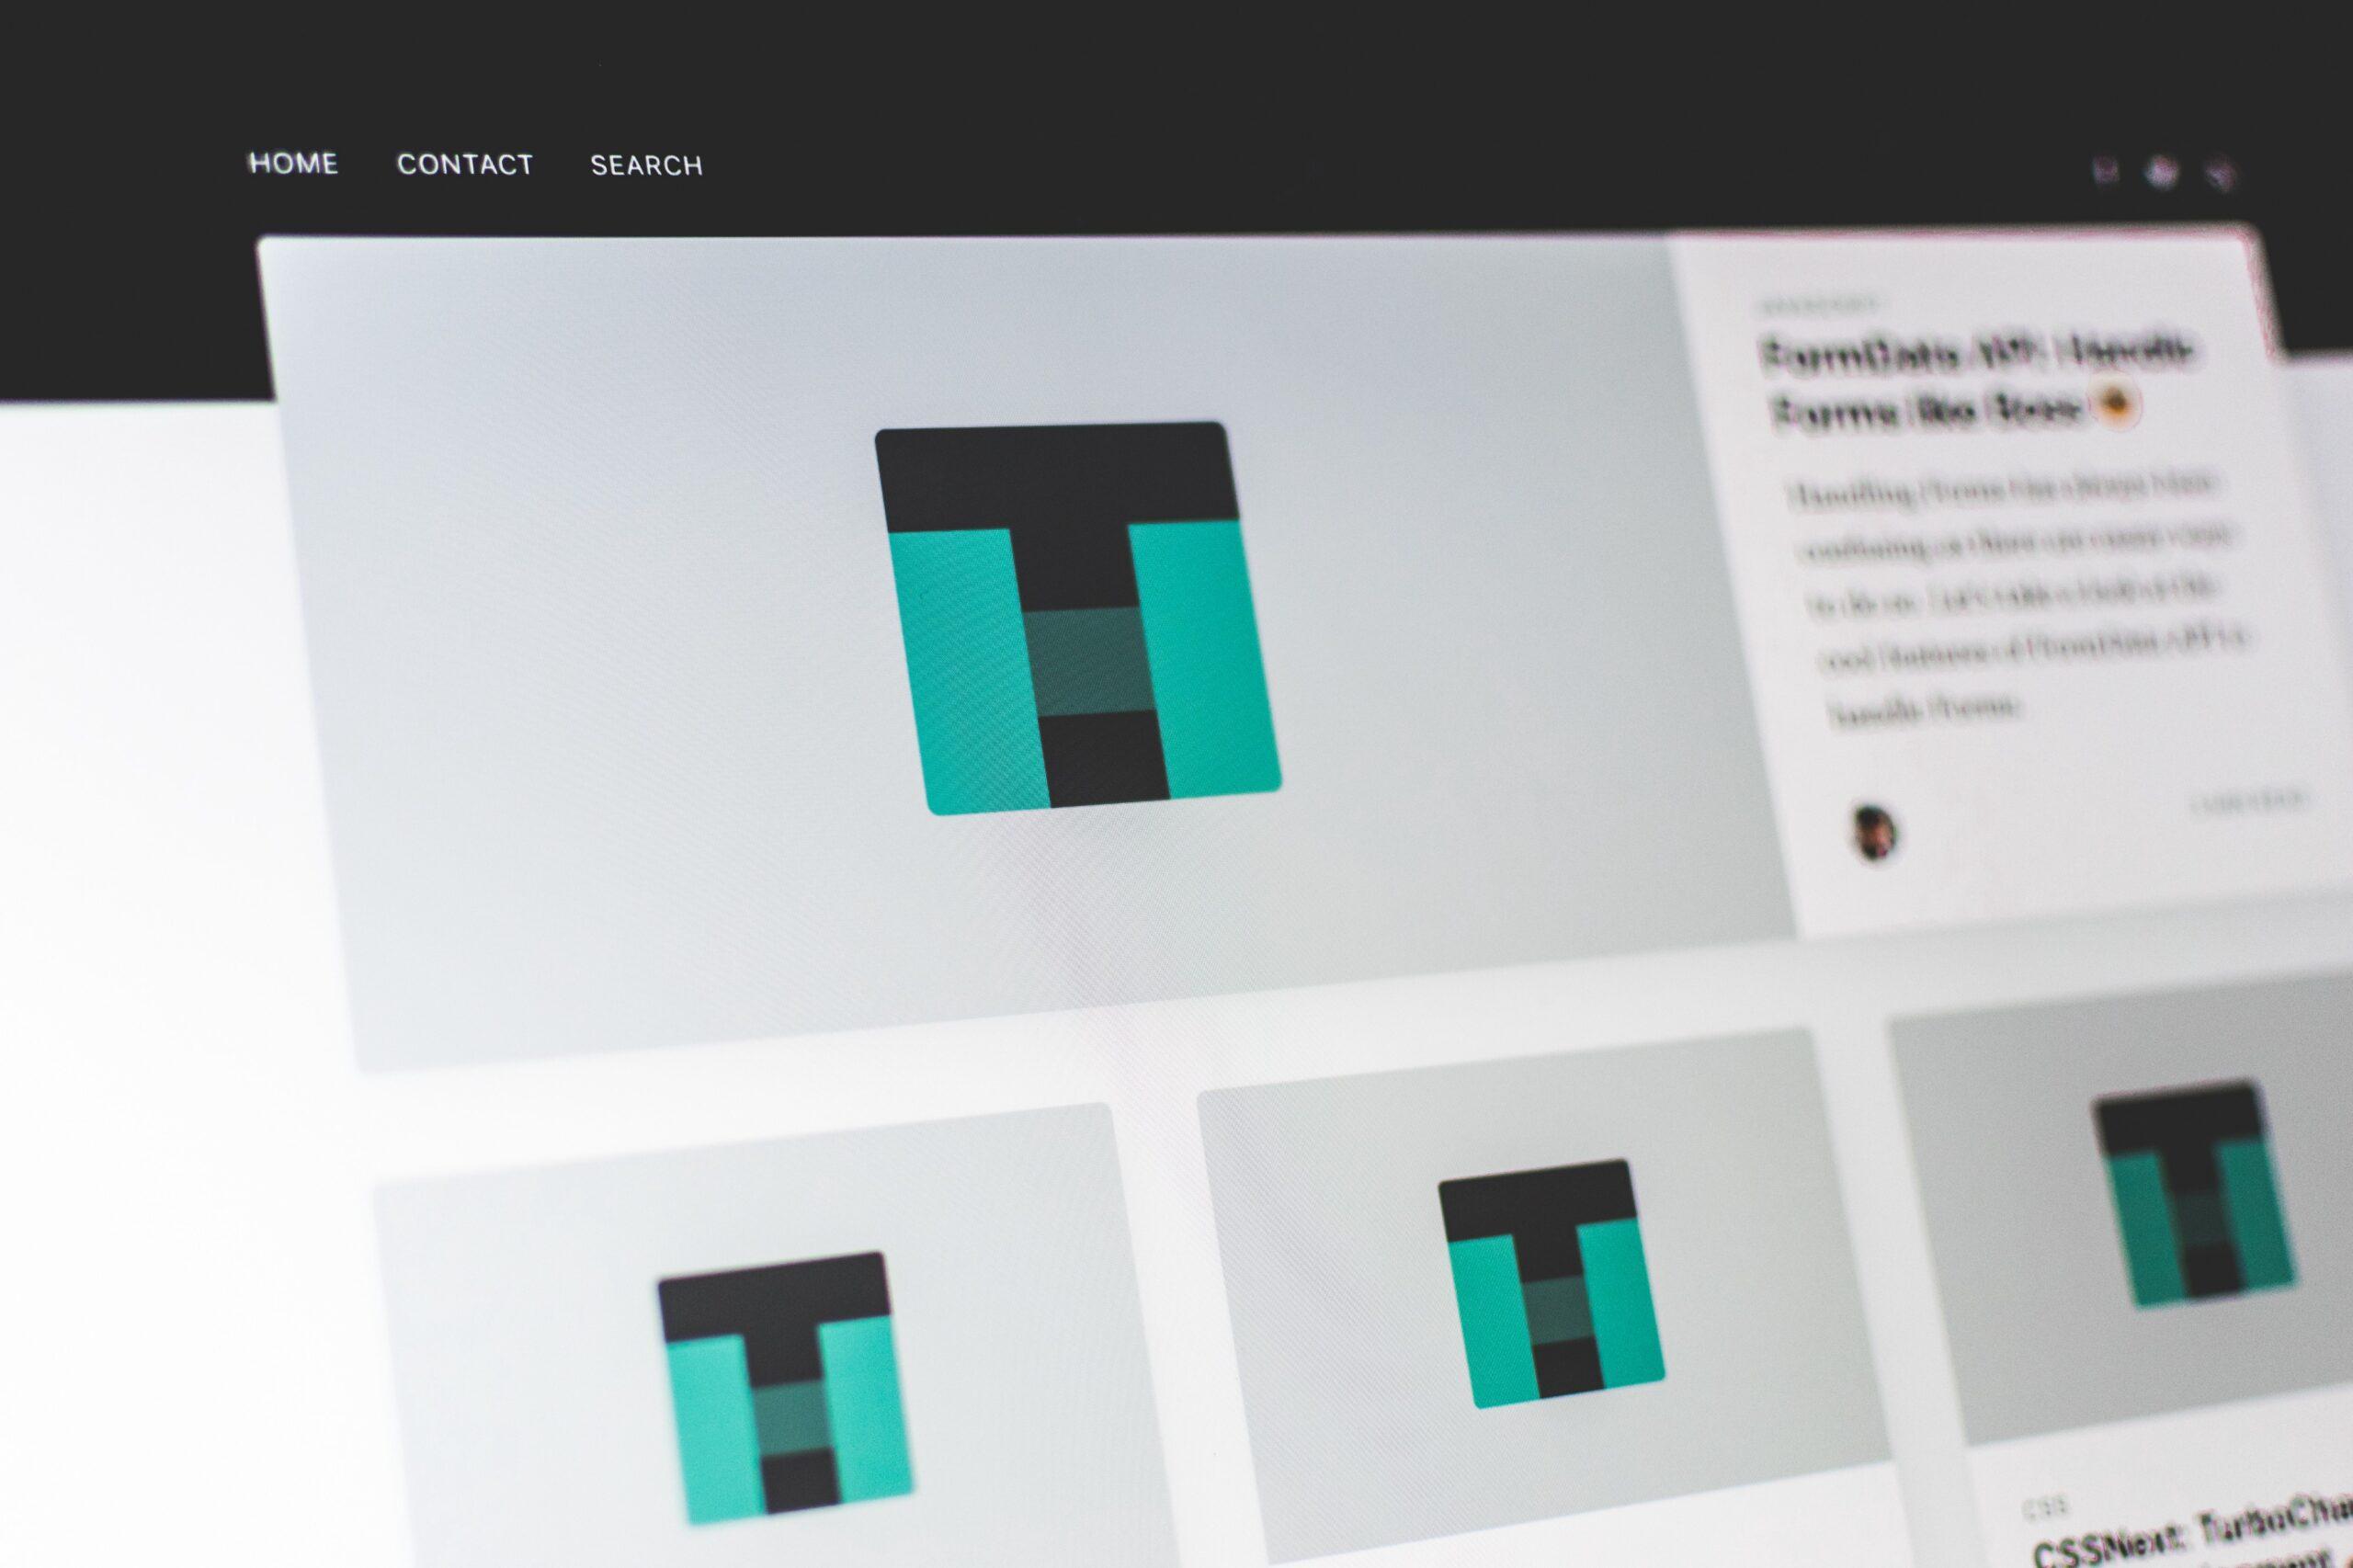 Image of websites